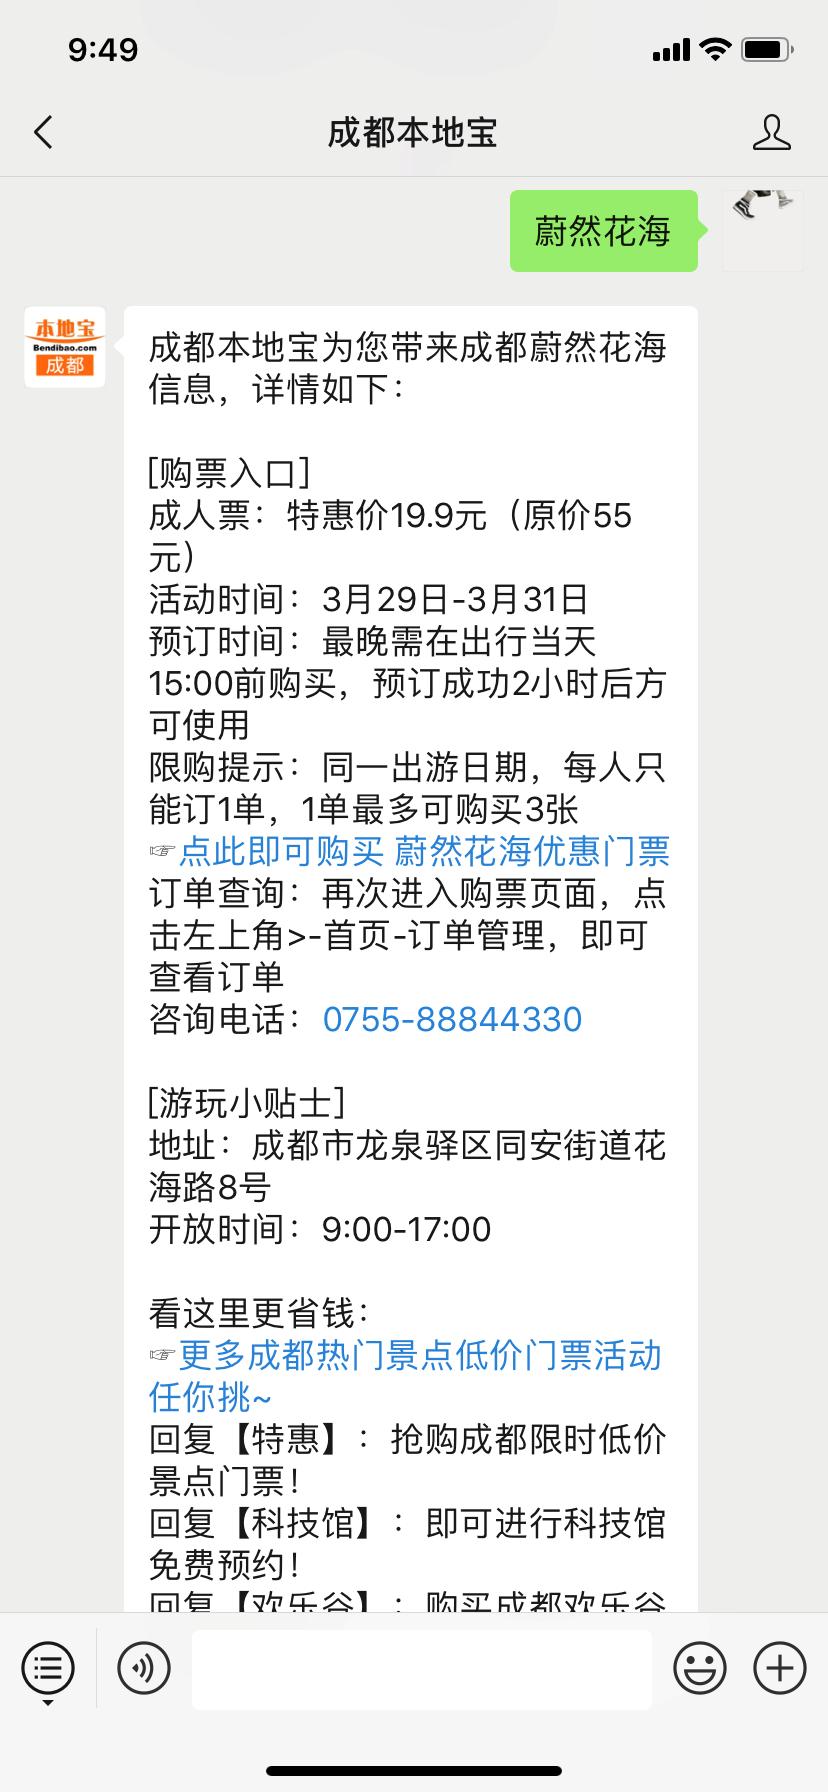 2019成都蔚然花海门票价格及各项优惠信息